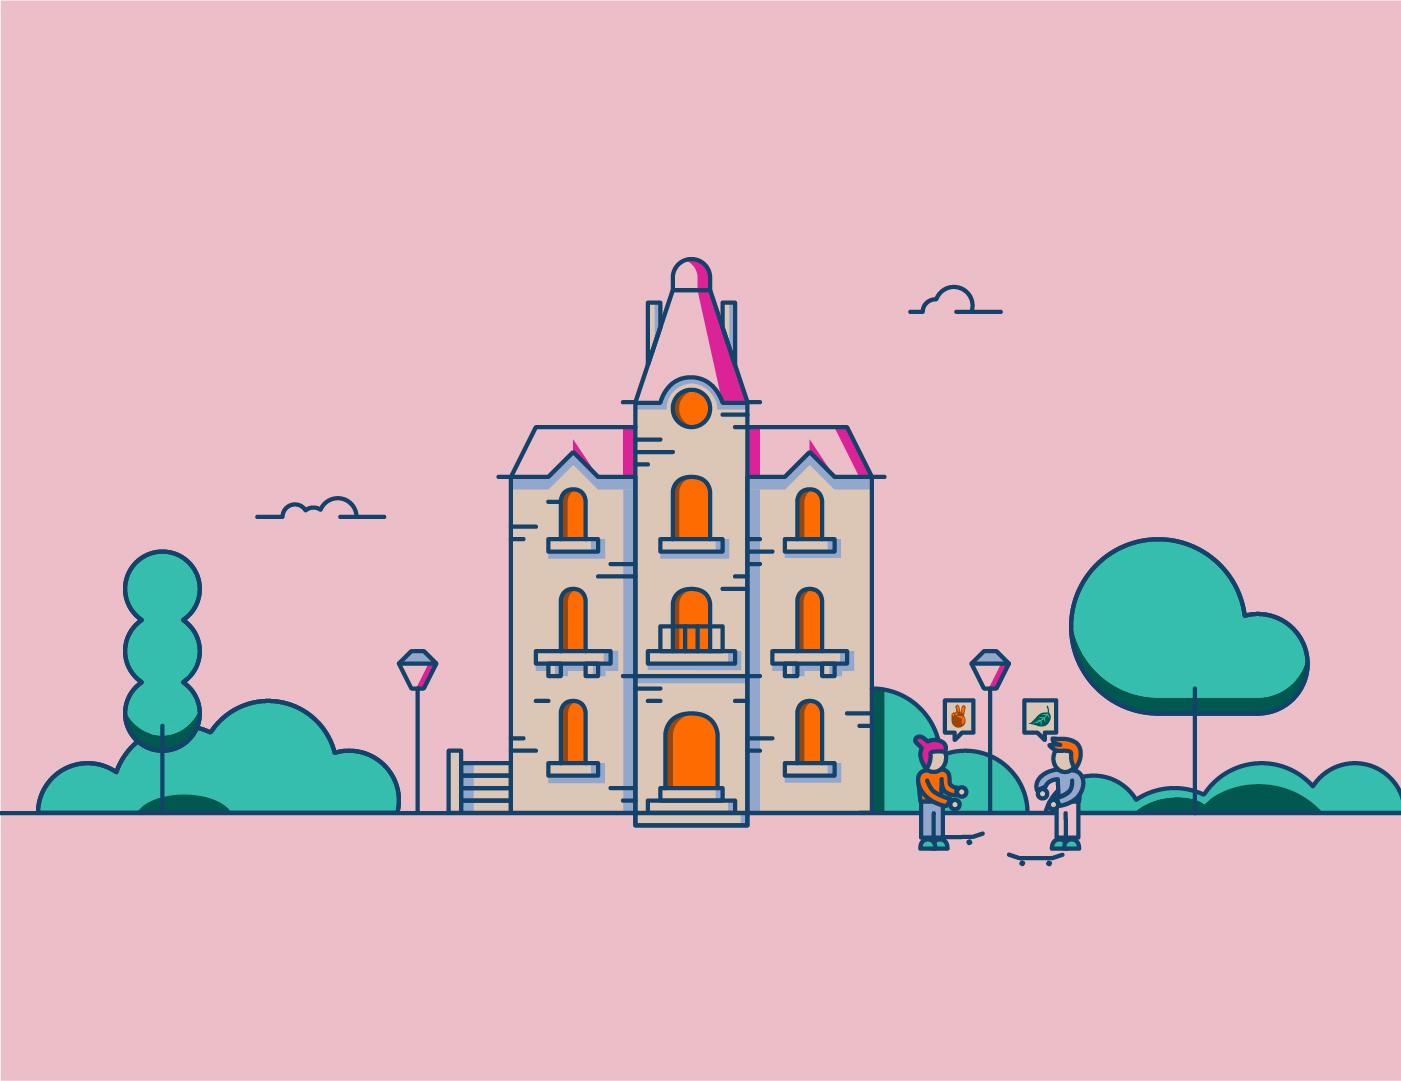 Illustration du Parc Franck Delmas situé à La Rochelle avec un traitement graphique et synthétique.